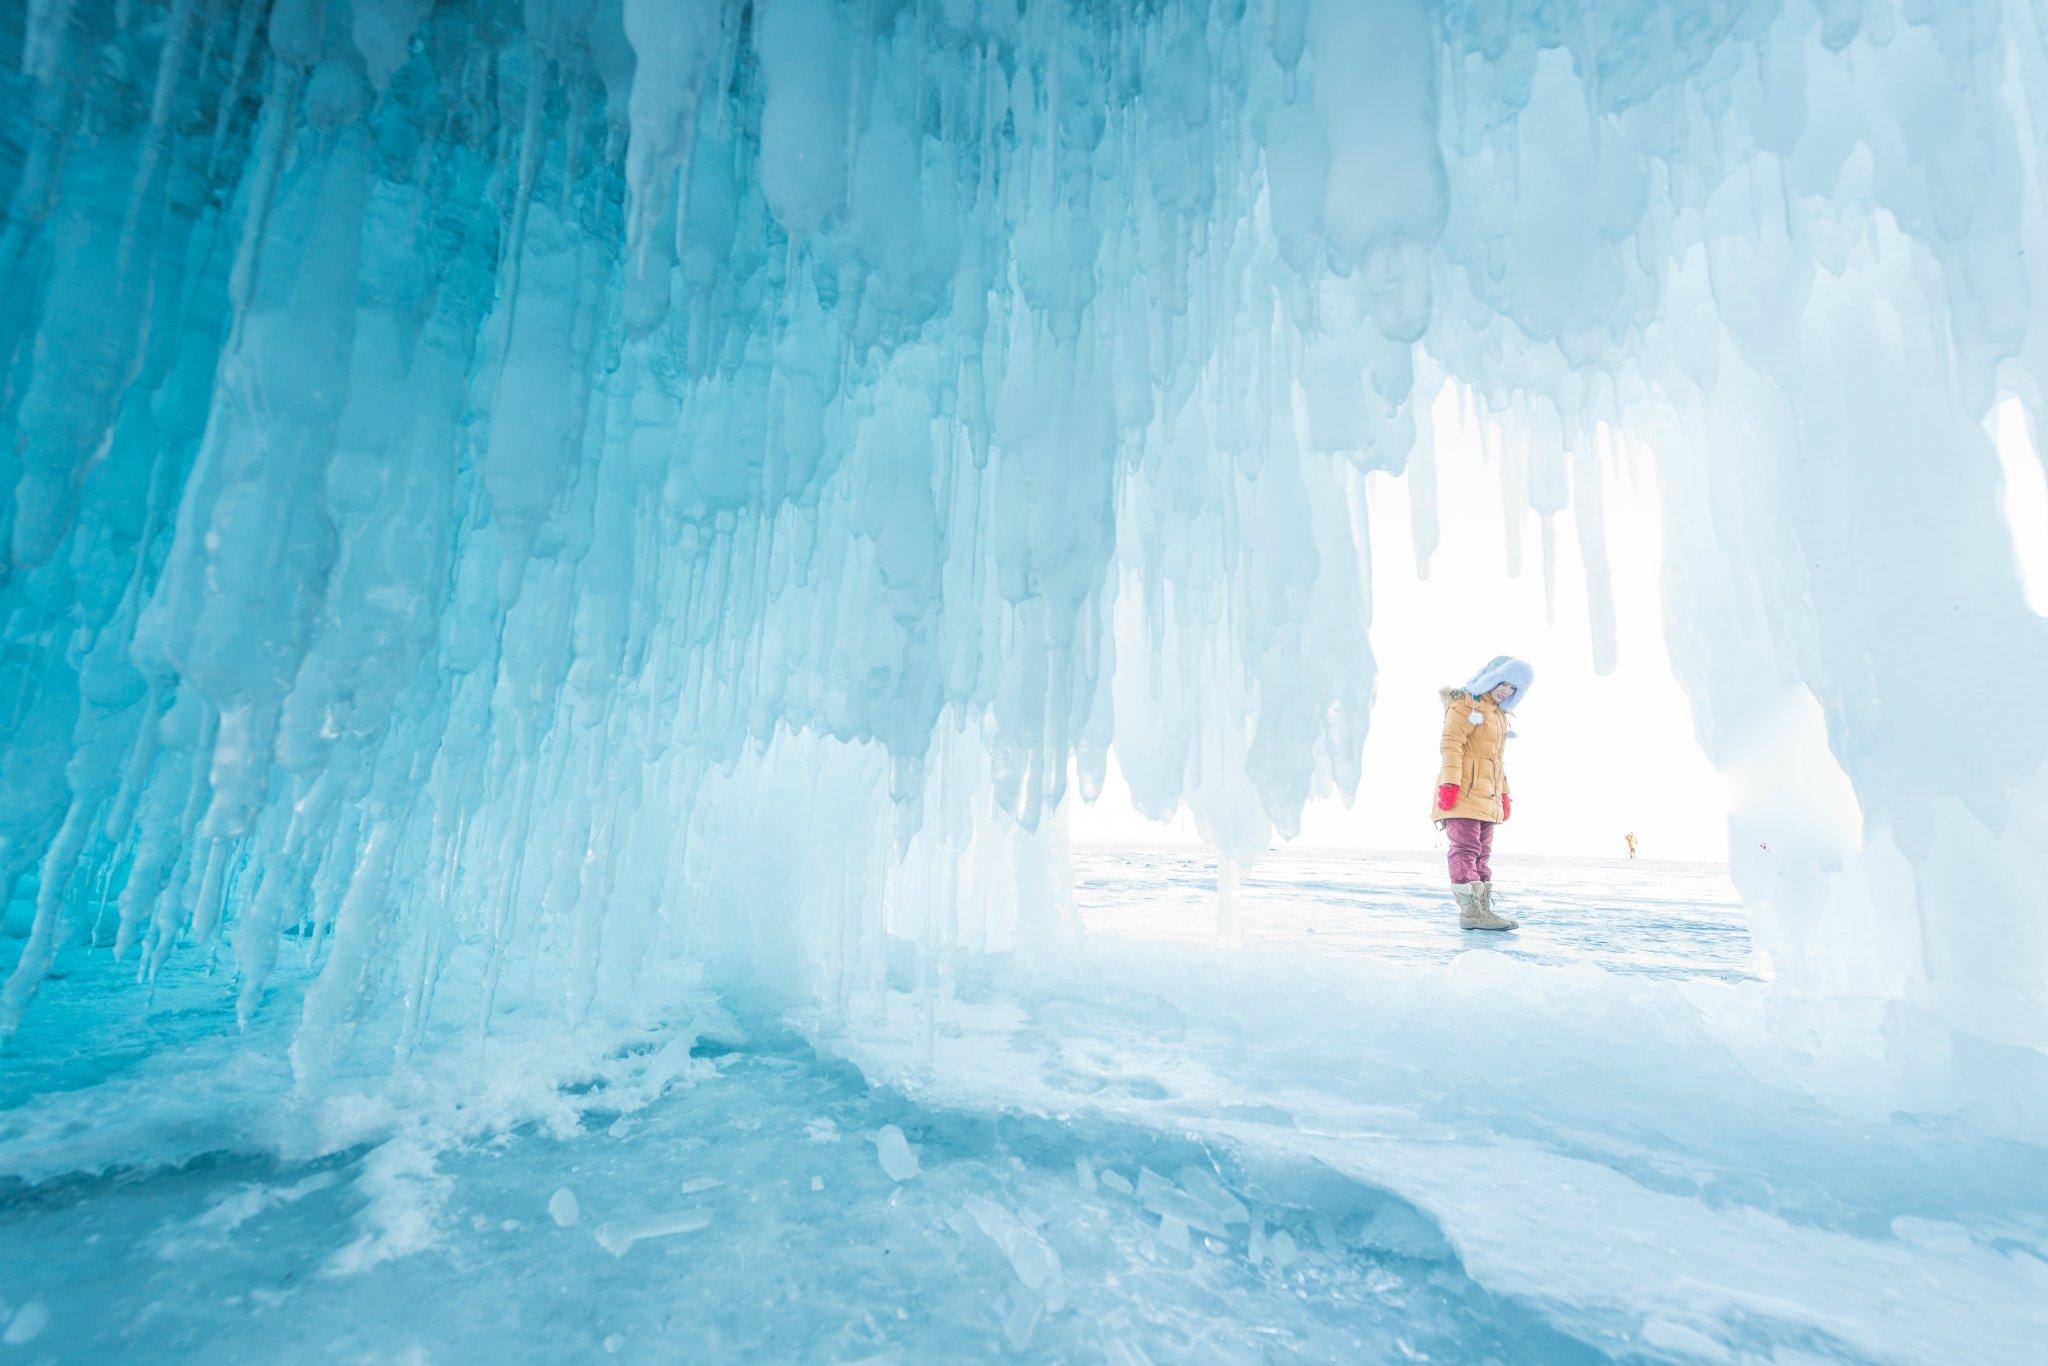 冬季的贝加尔湖 每一帧都是诱惑